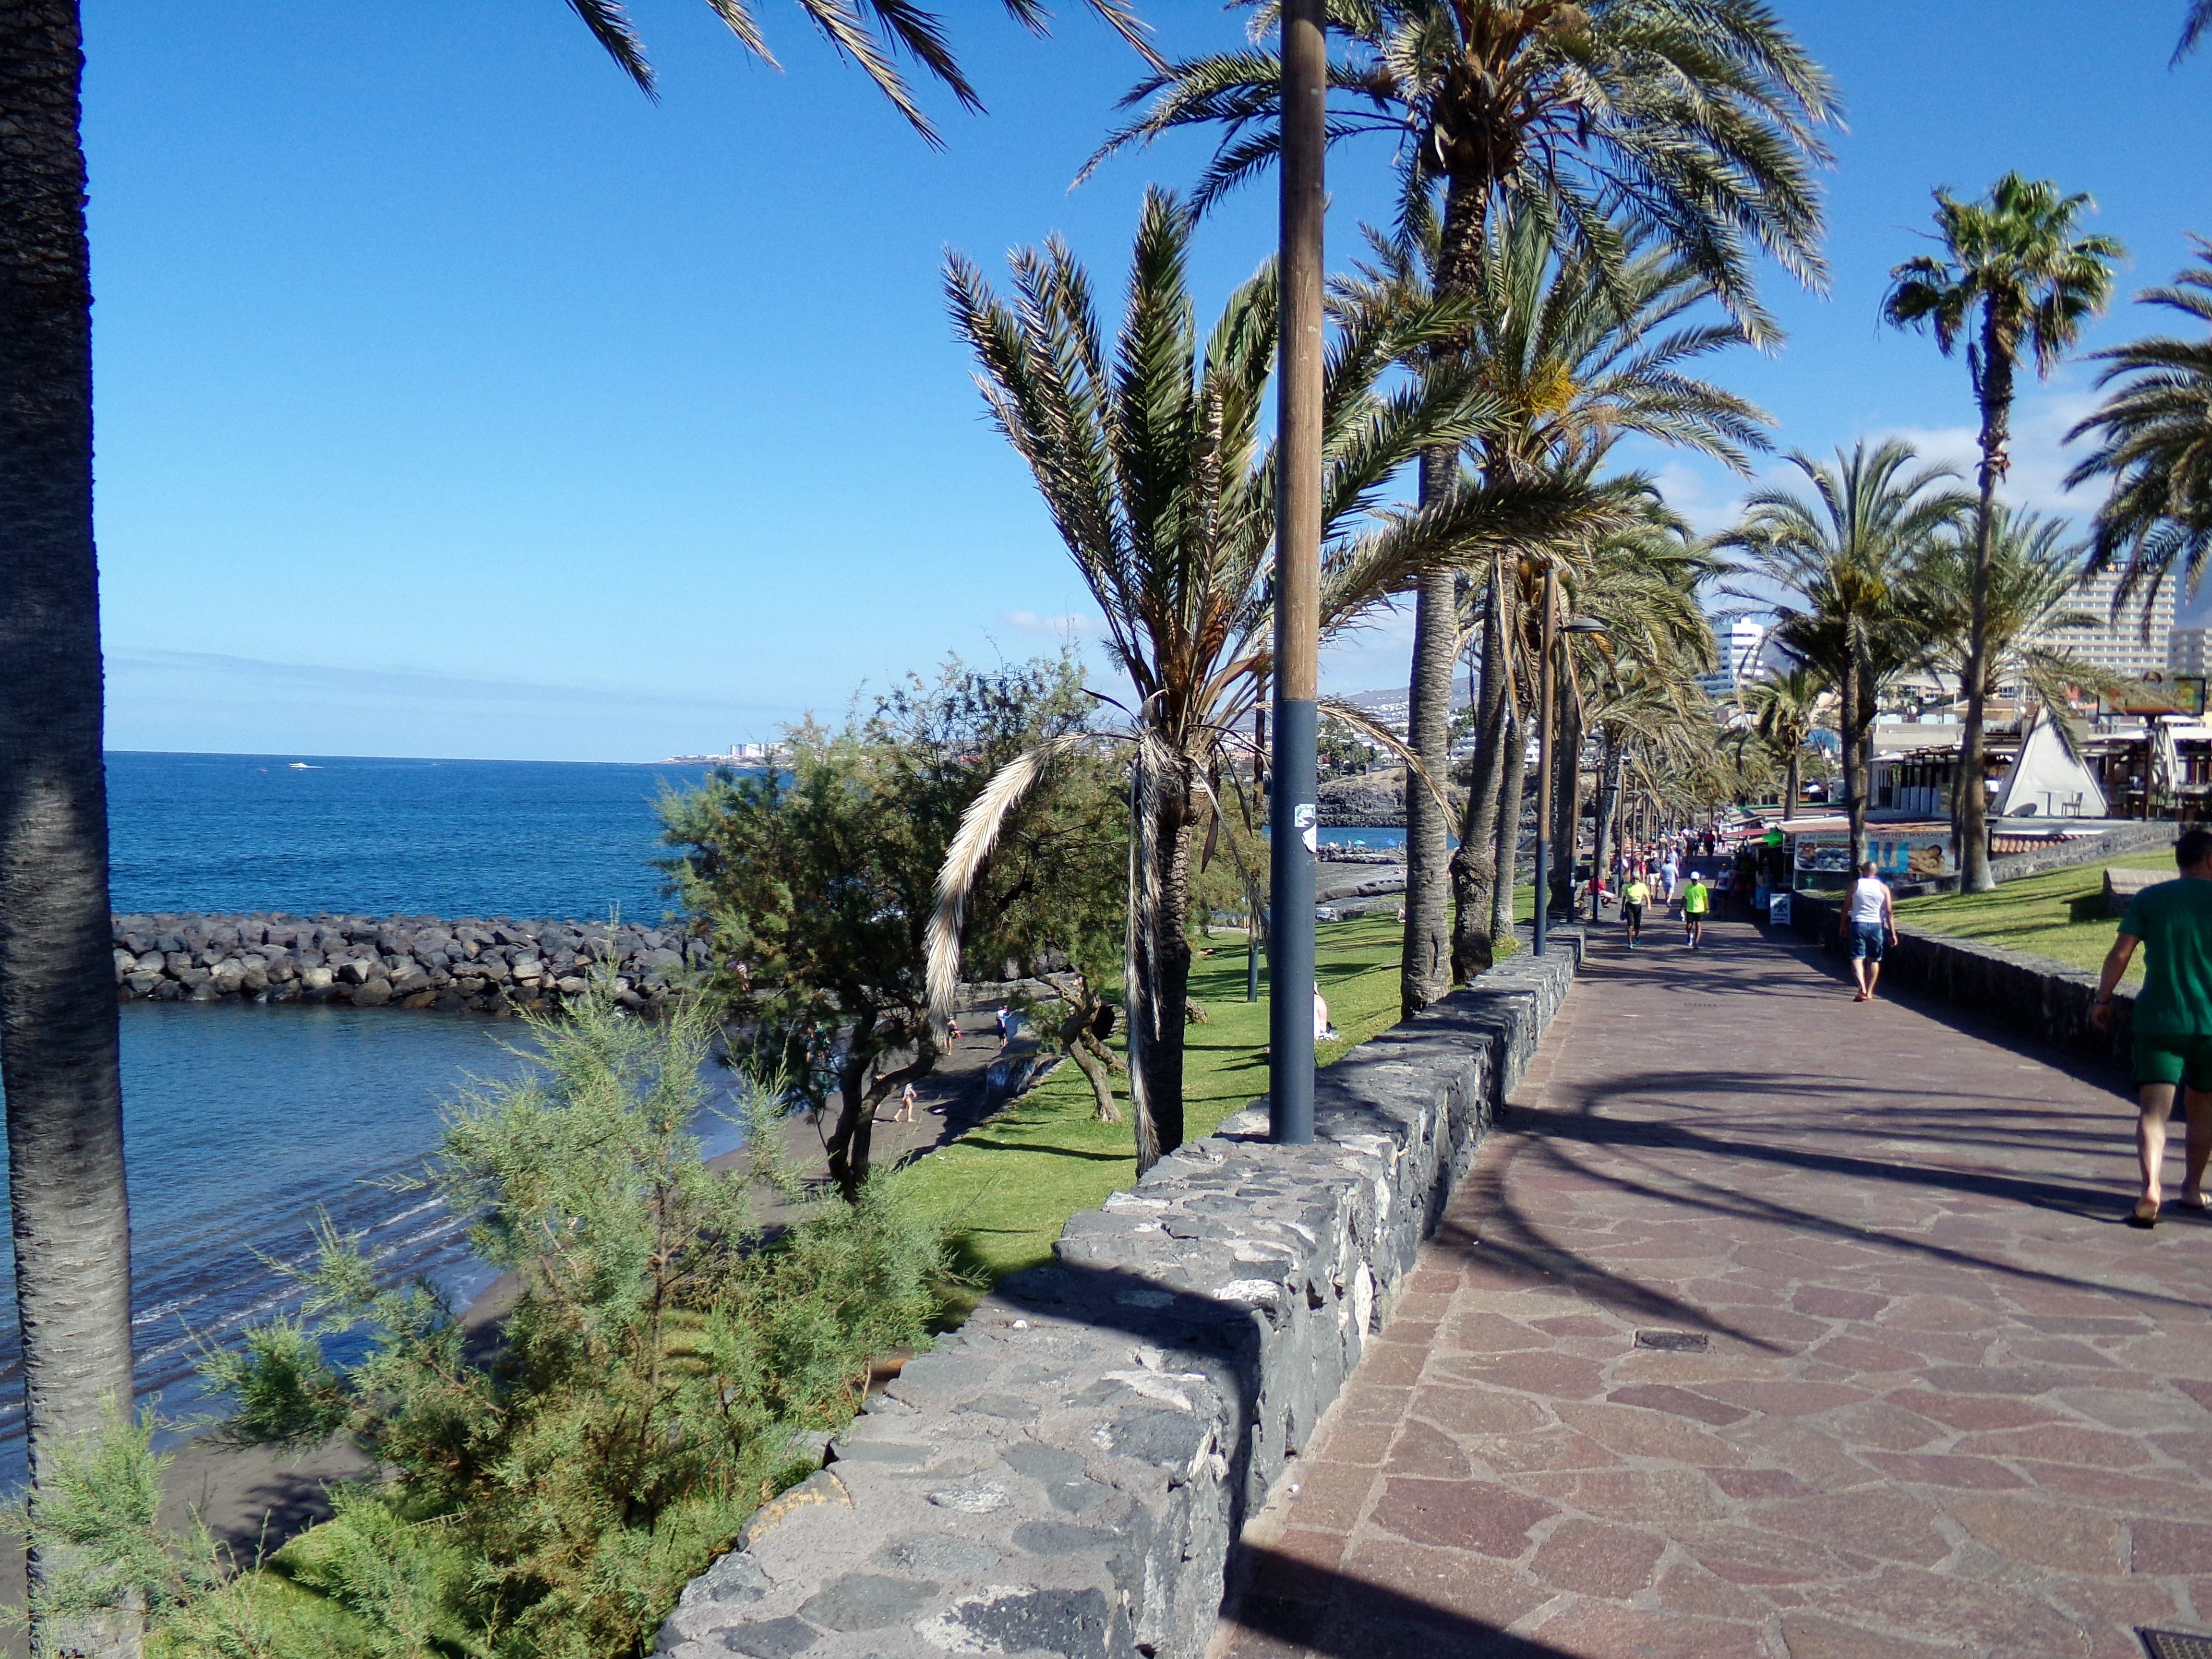 Playa de las Américas Teneriffa Süd Promenade 3